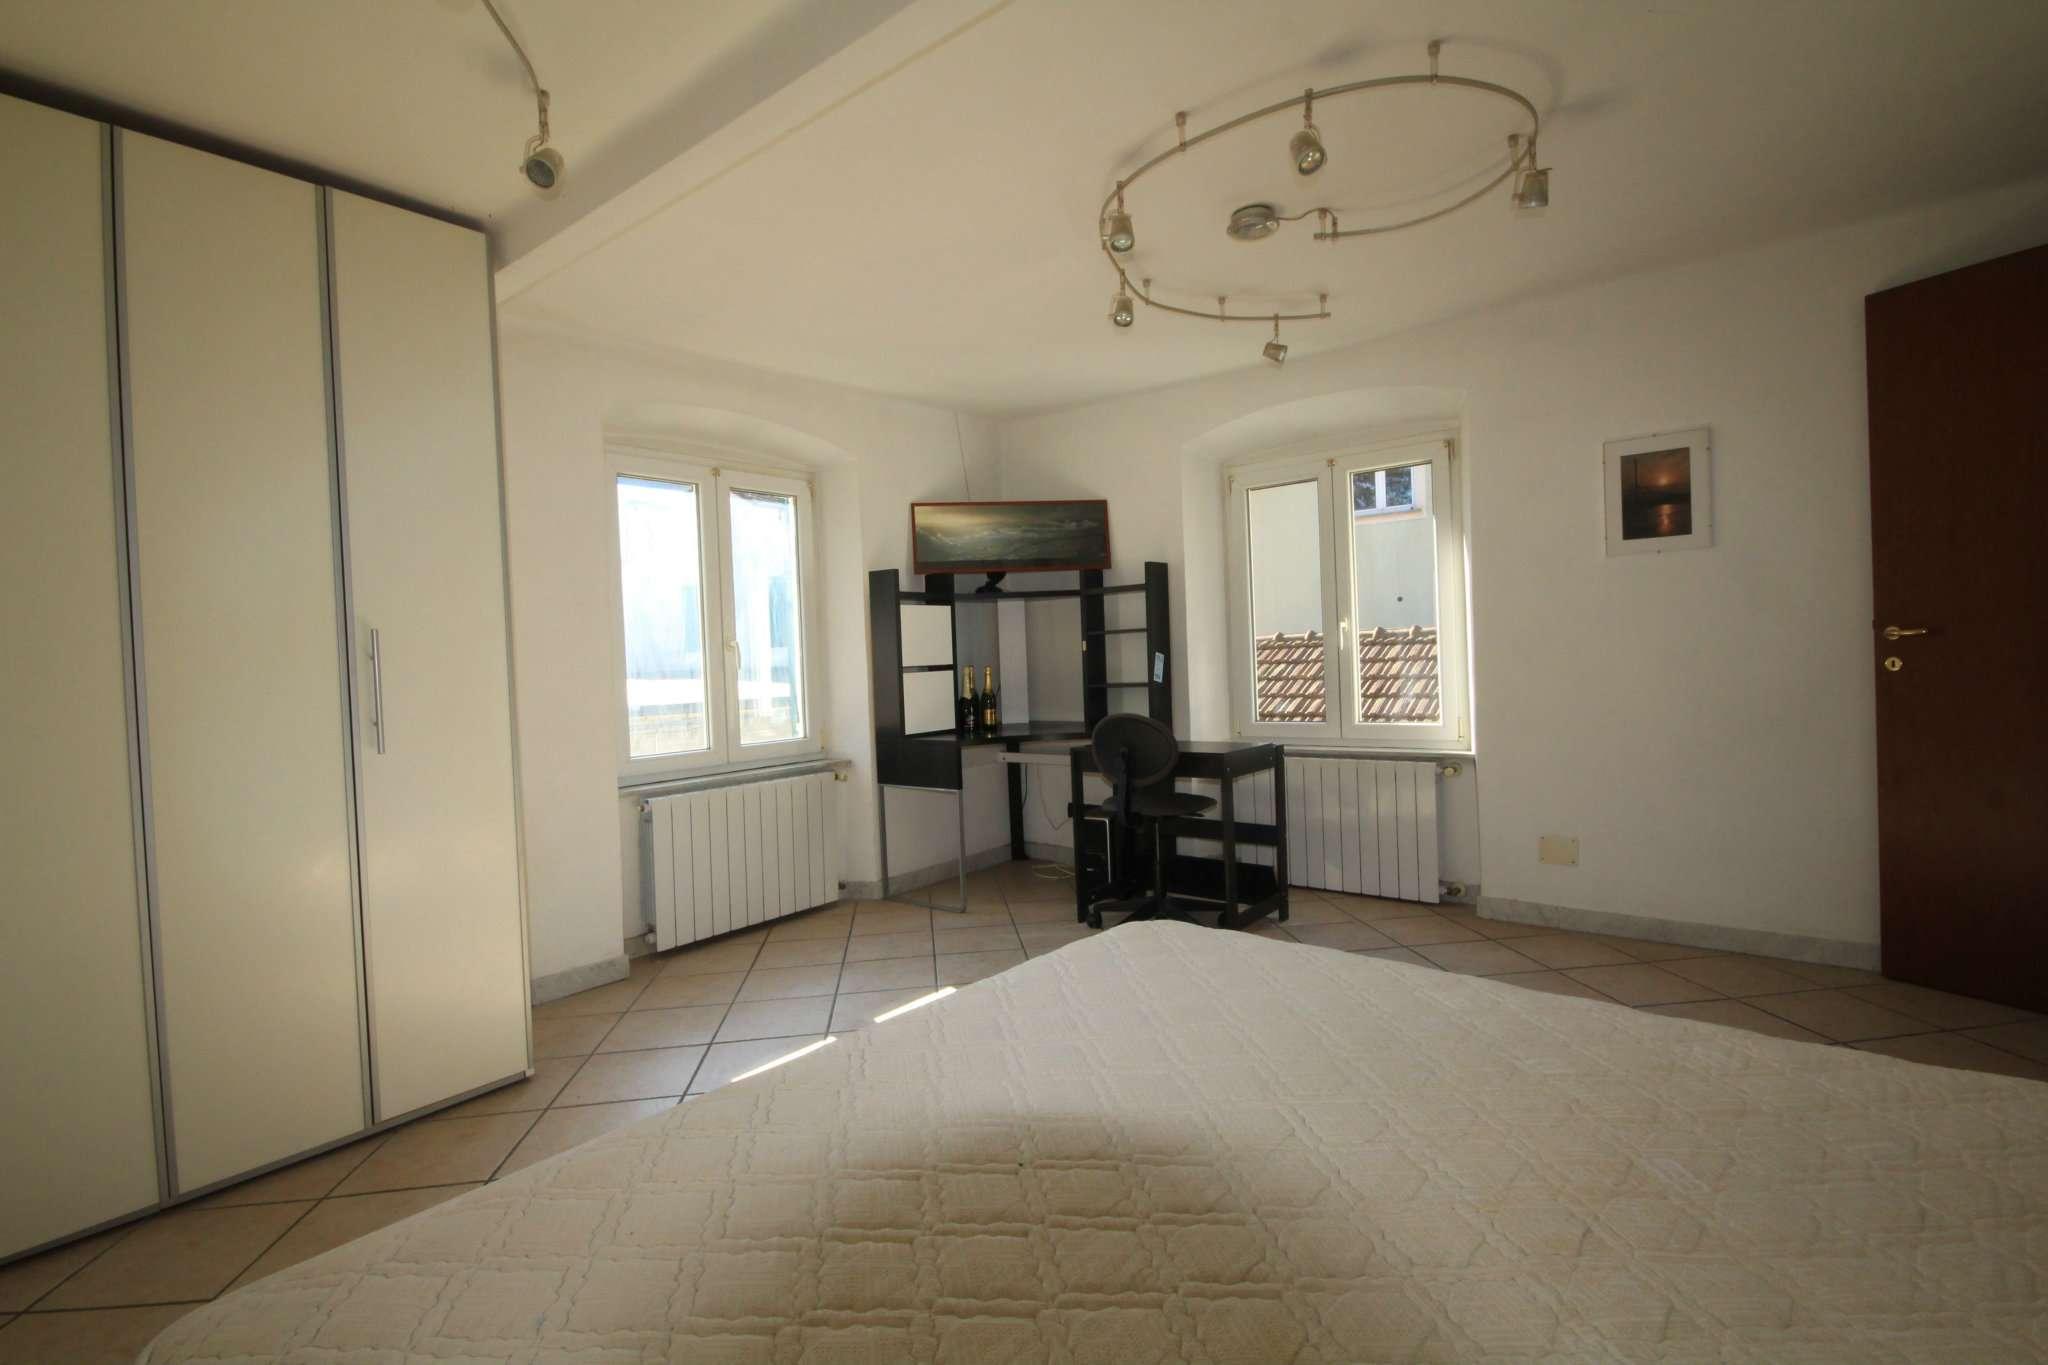 Appartamento in vendita a Sant'Olcese, 2 locali, prezzo € 35.000 | PortaleAgenzieImmobiliari.it